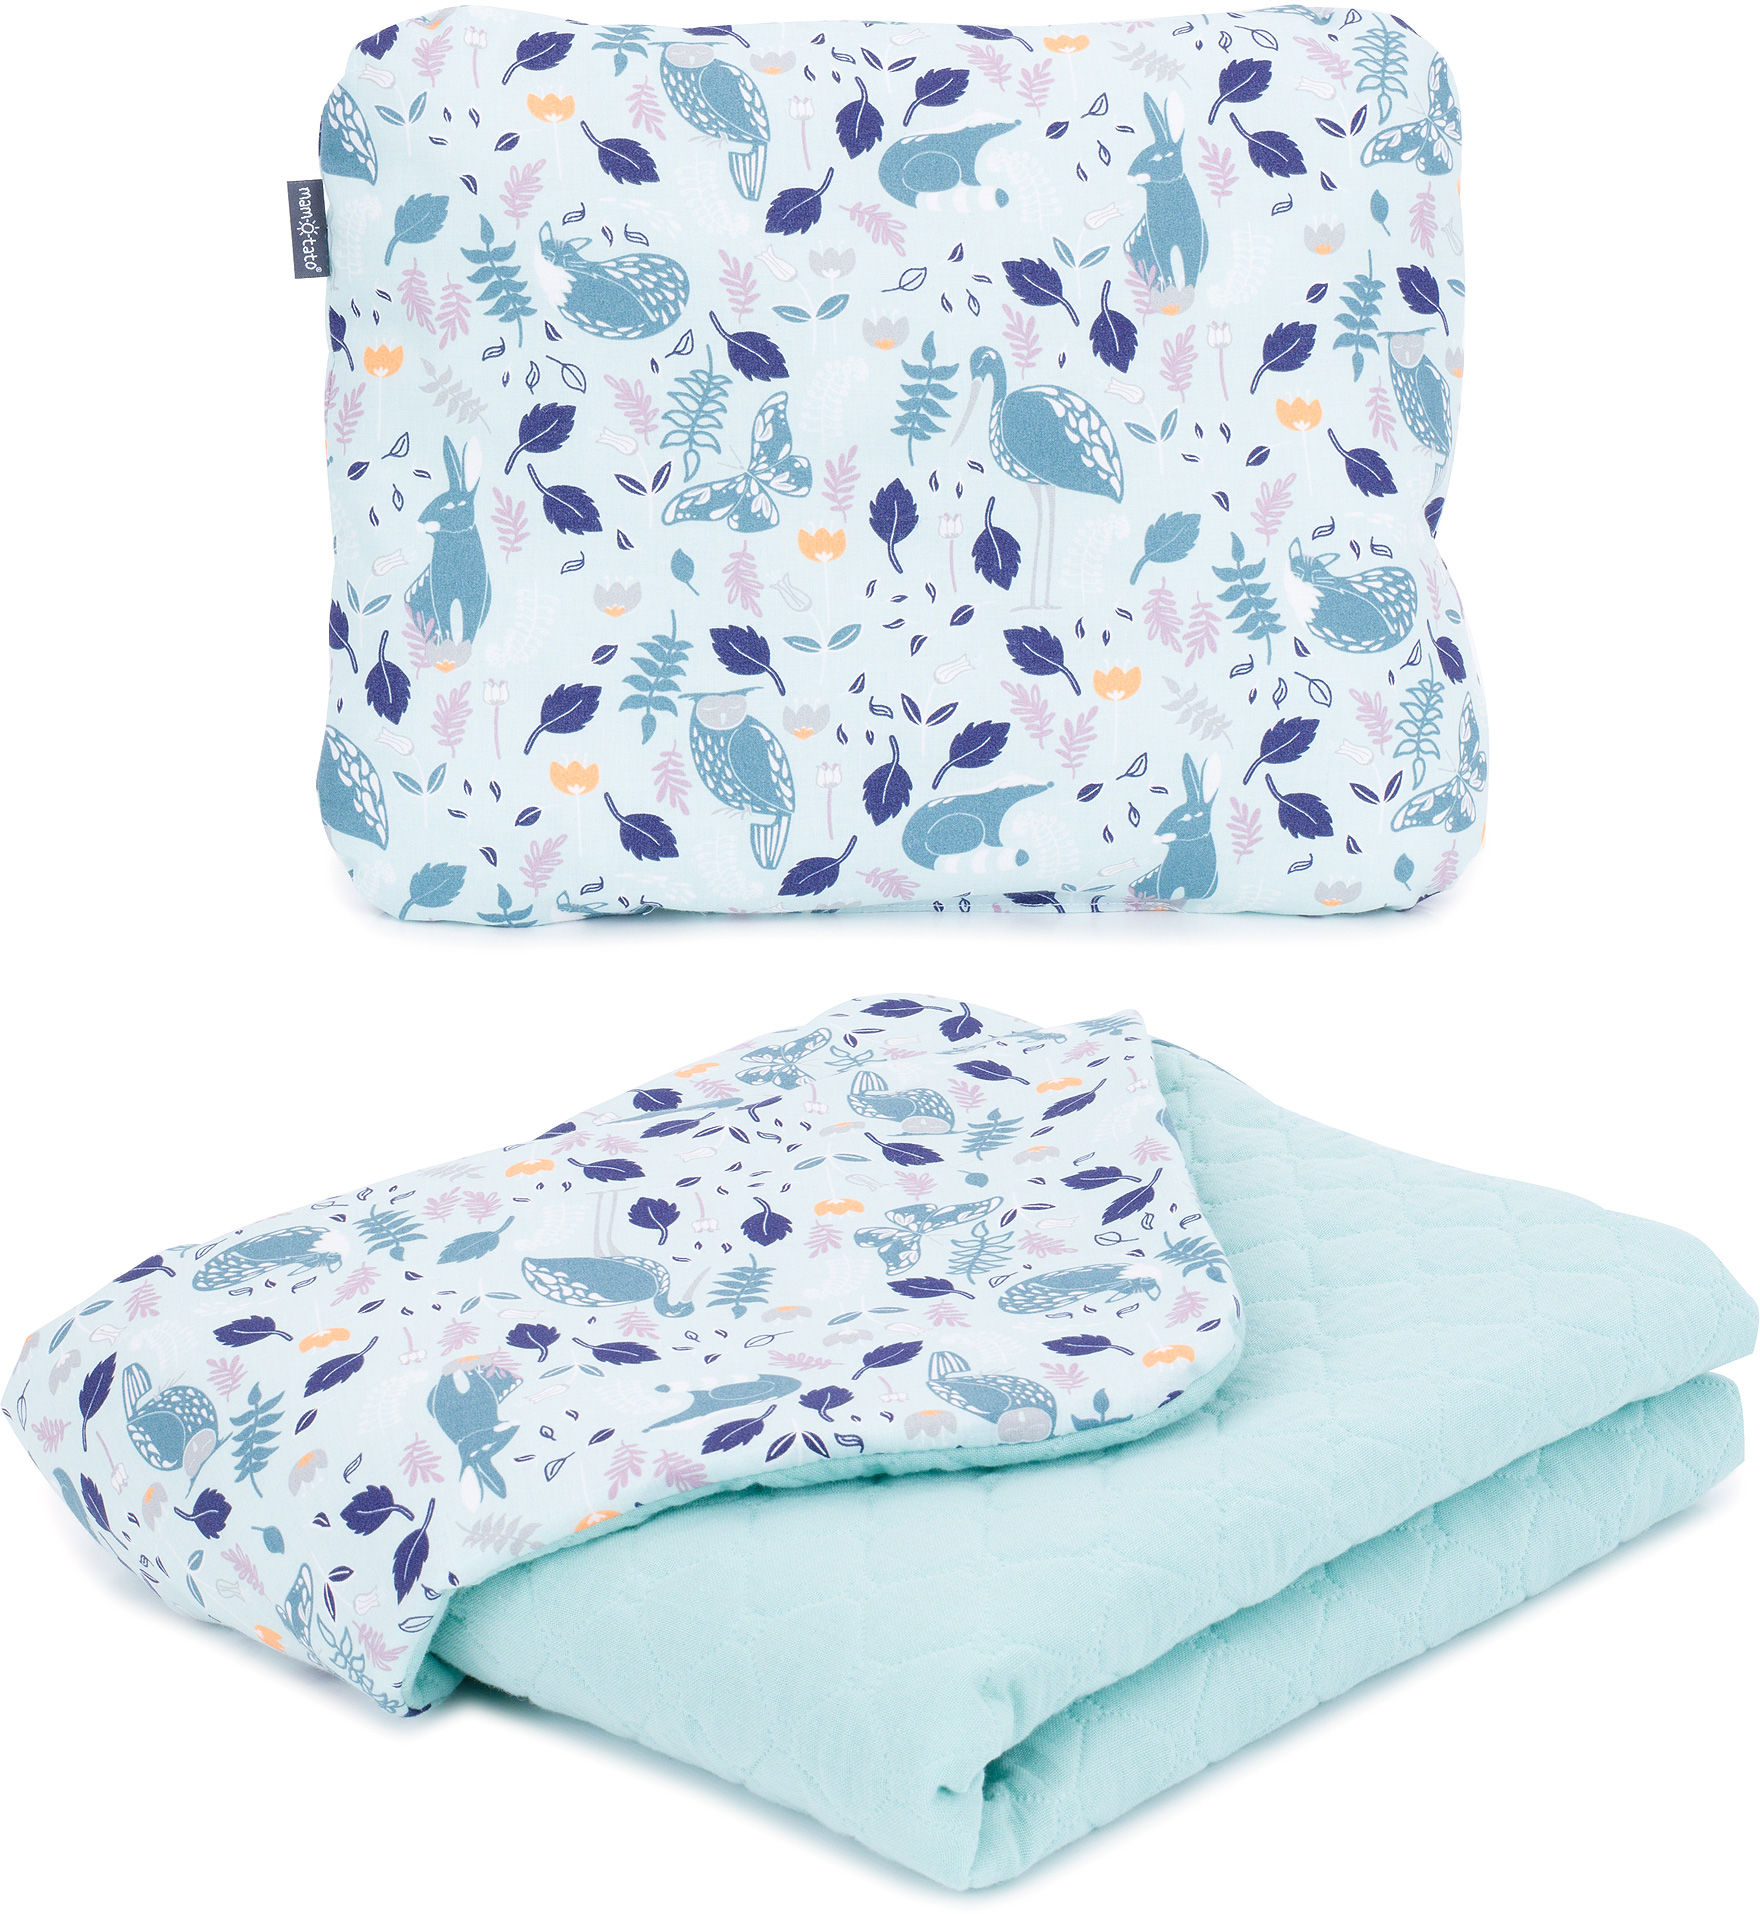 MAMO-TATO KOMPLET Kocyk dla dzieci i niemowląt 75x100 - MUŚLIN PIK + poduszka - Premium - Czaple na oceanie / jasna szałwia - letni